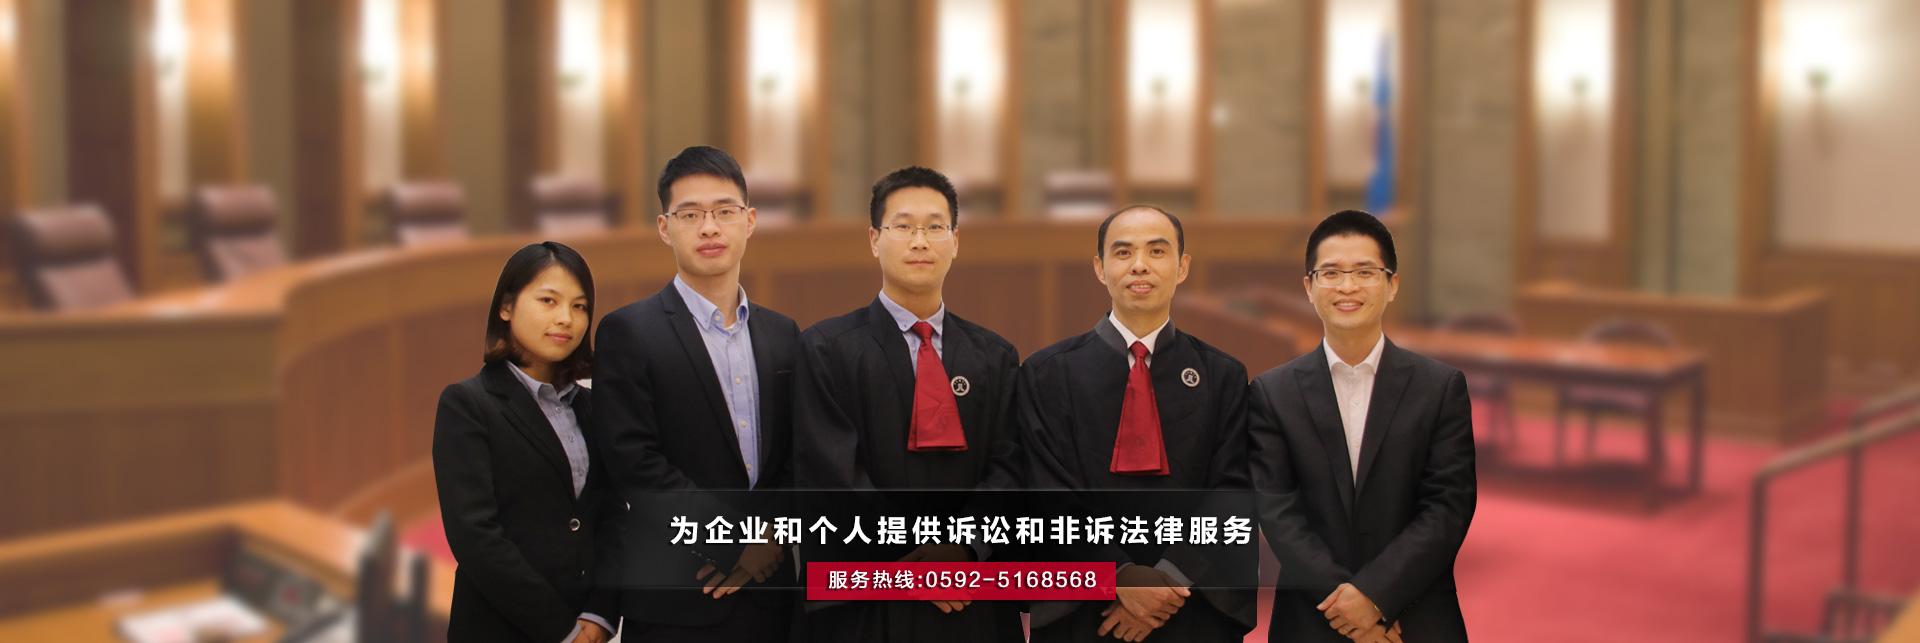 福建张全明律师2